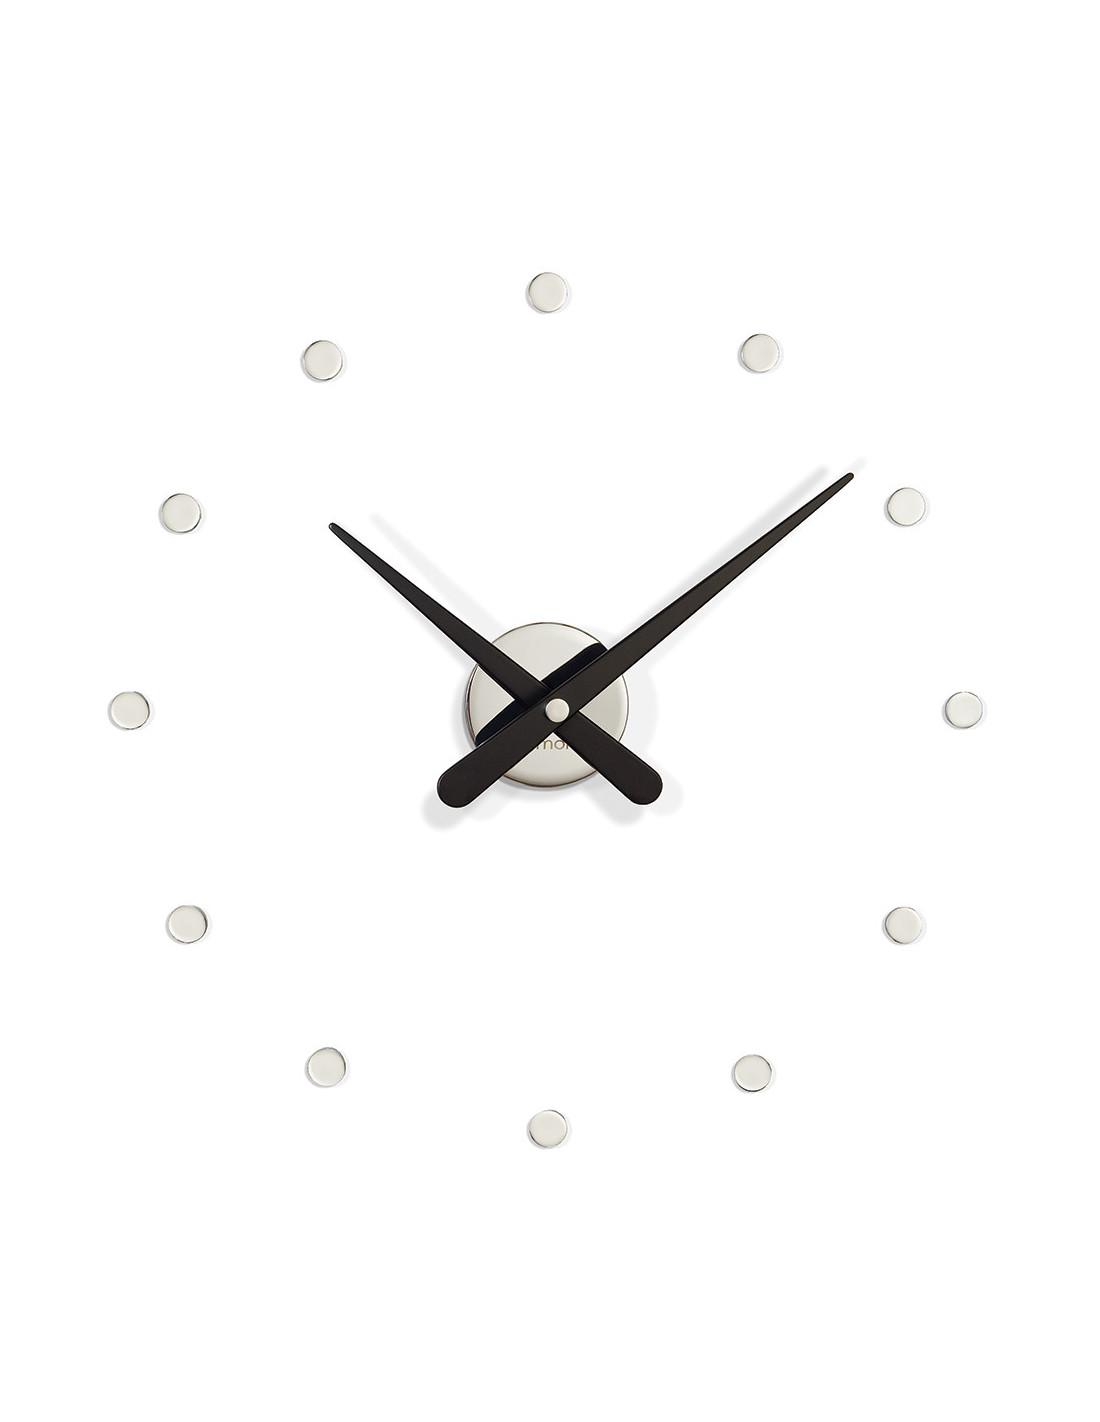 Axioma i clock - Nomon Wall Clocks